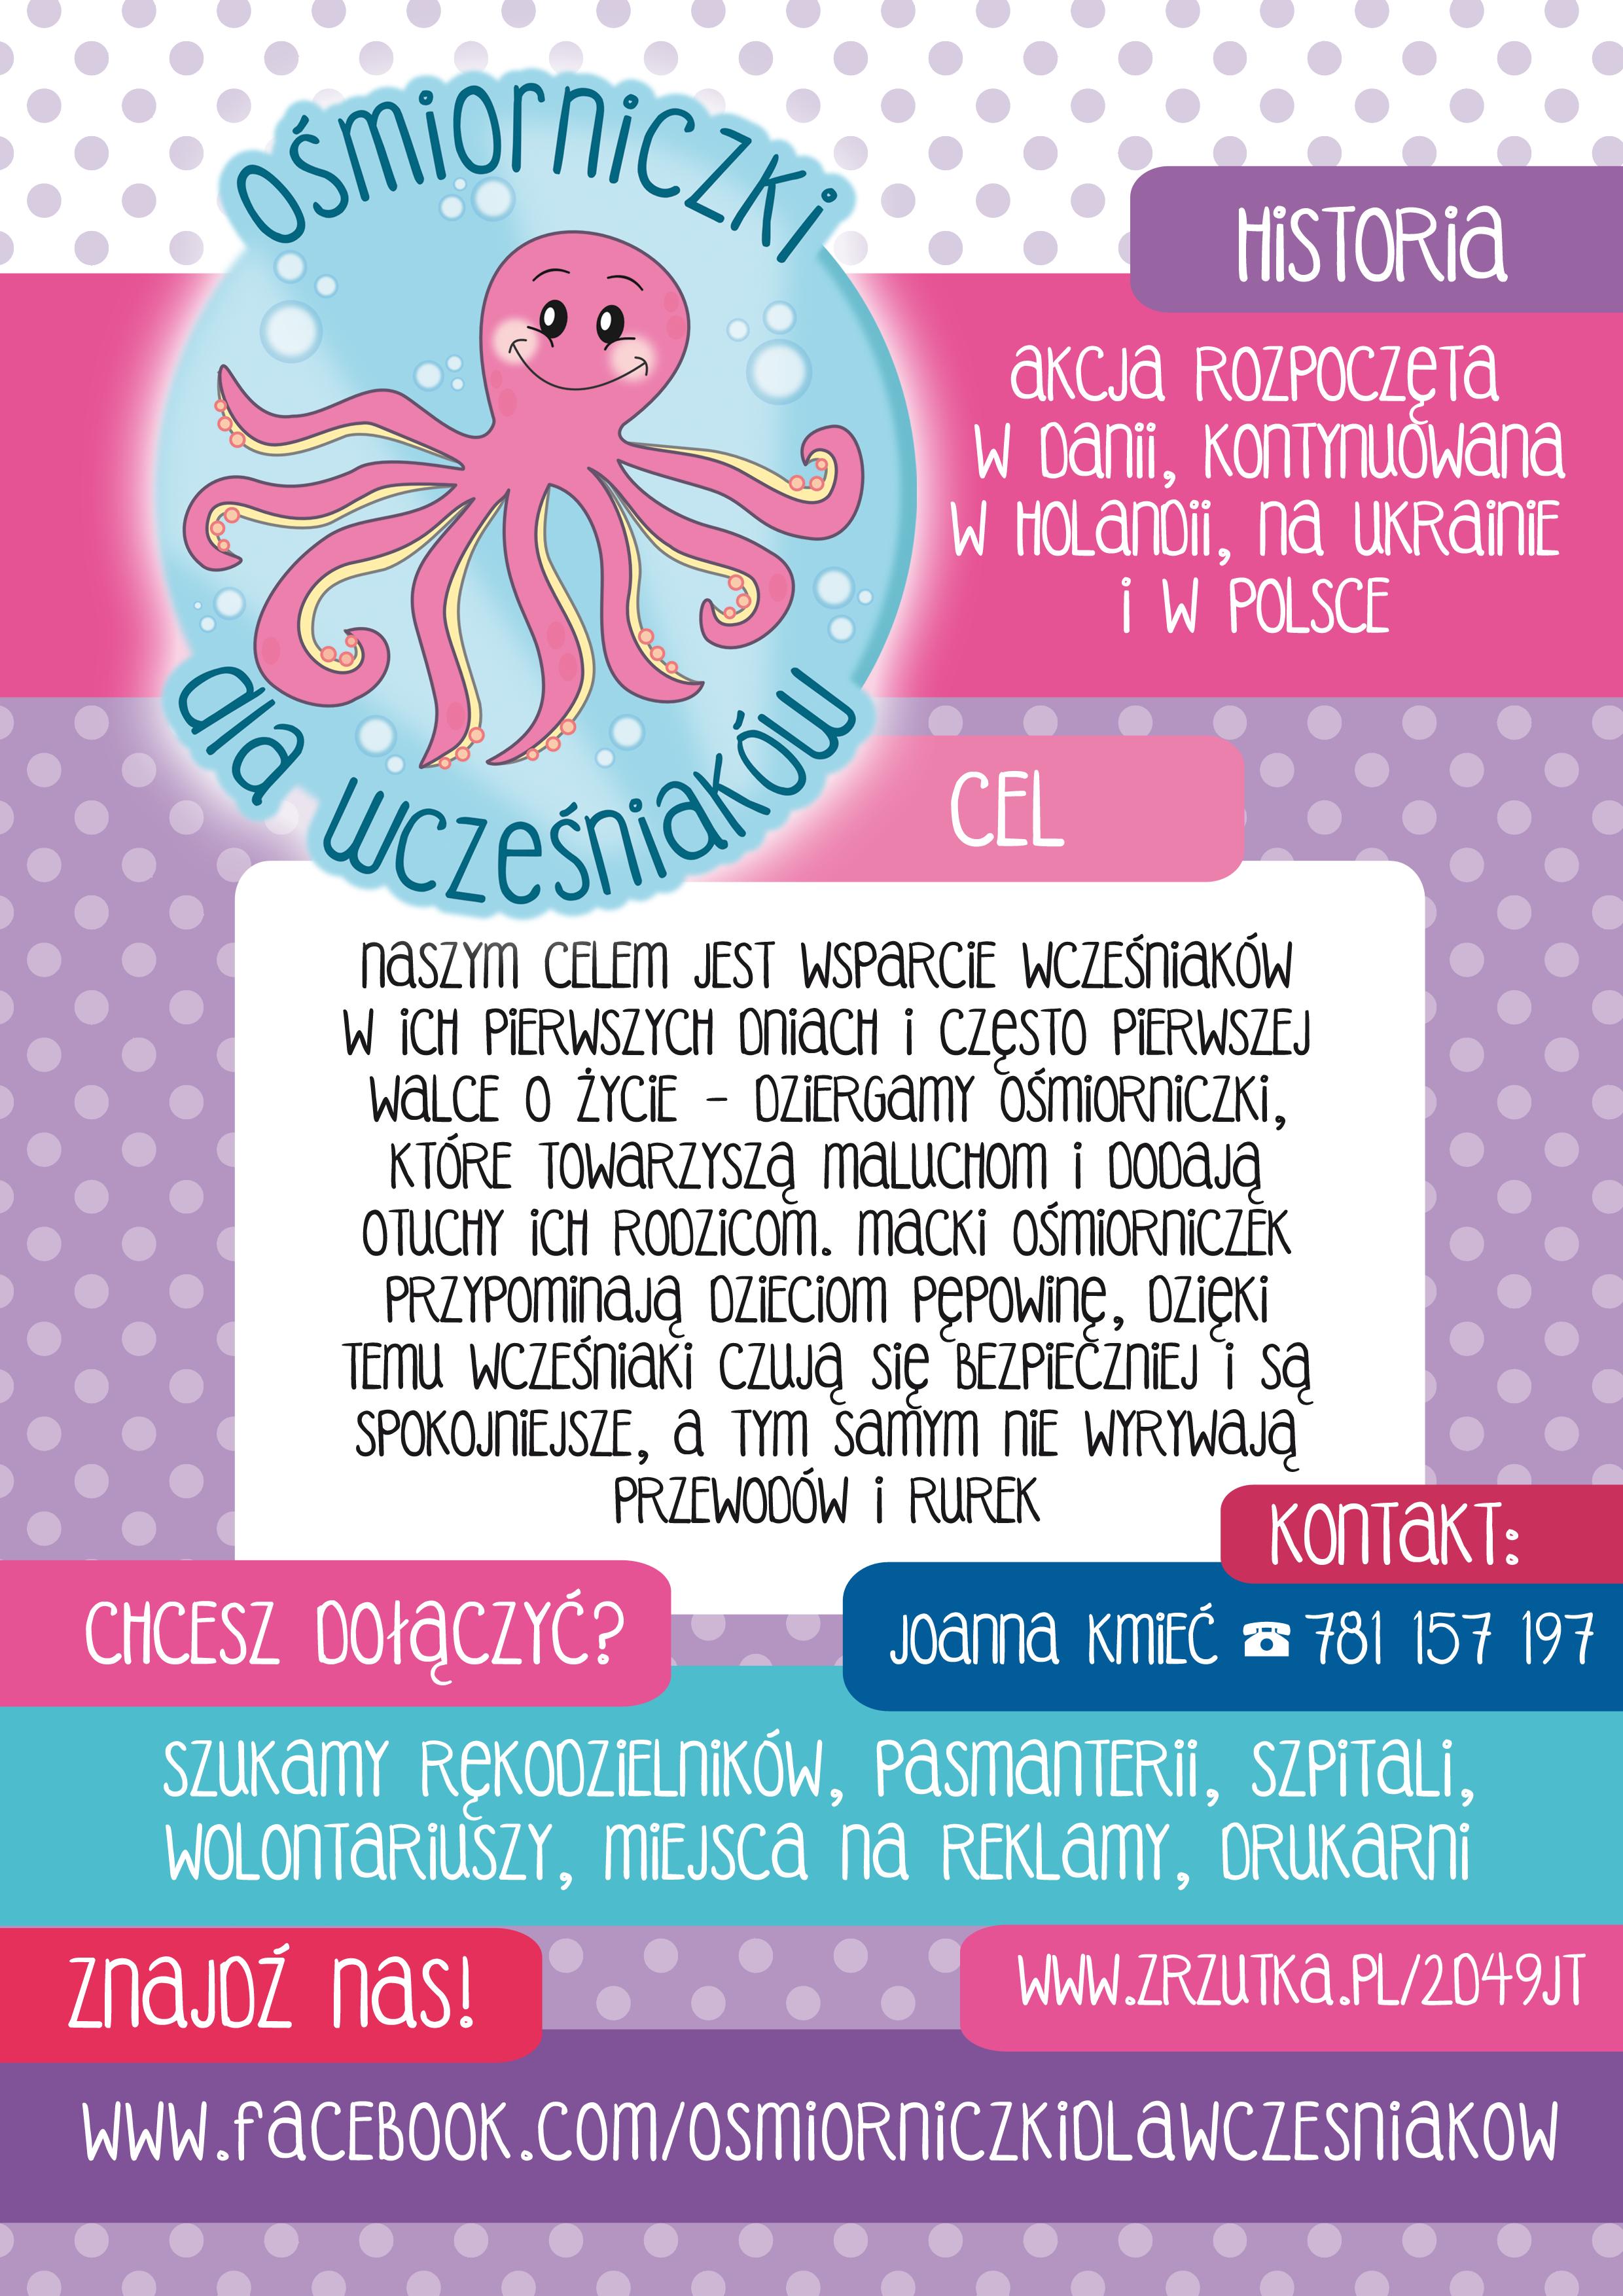 ośmiorniczki dla wcześniaków - plakat